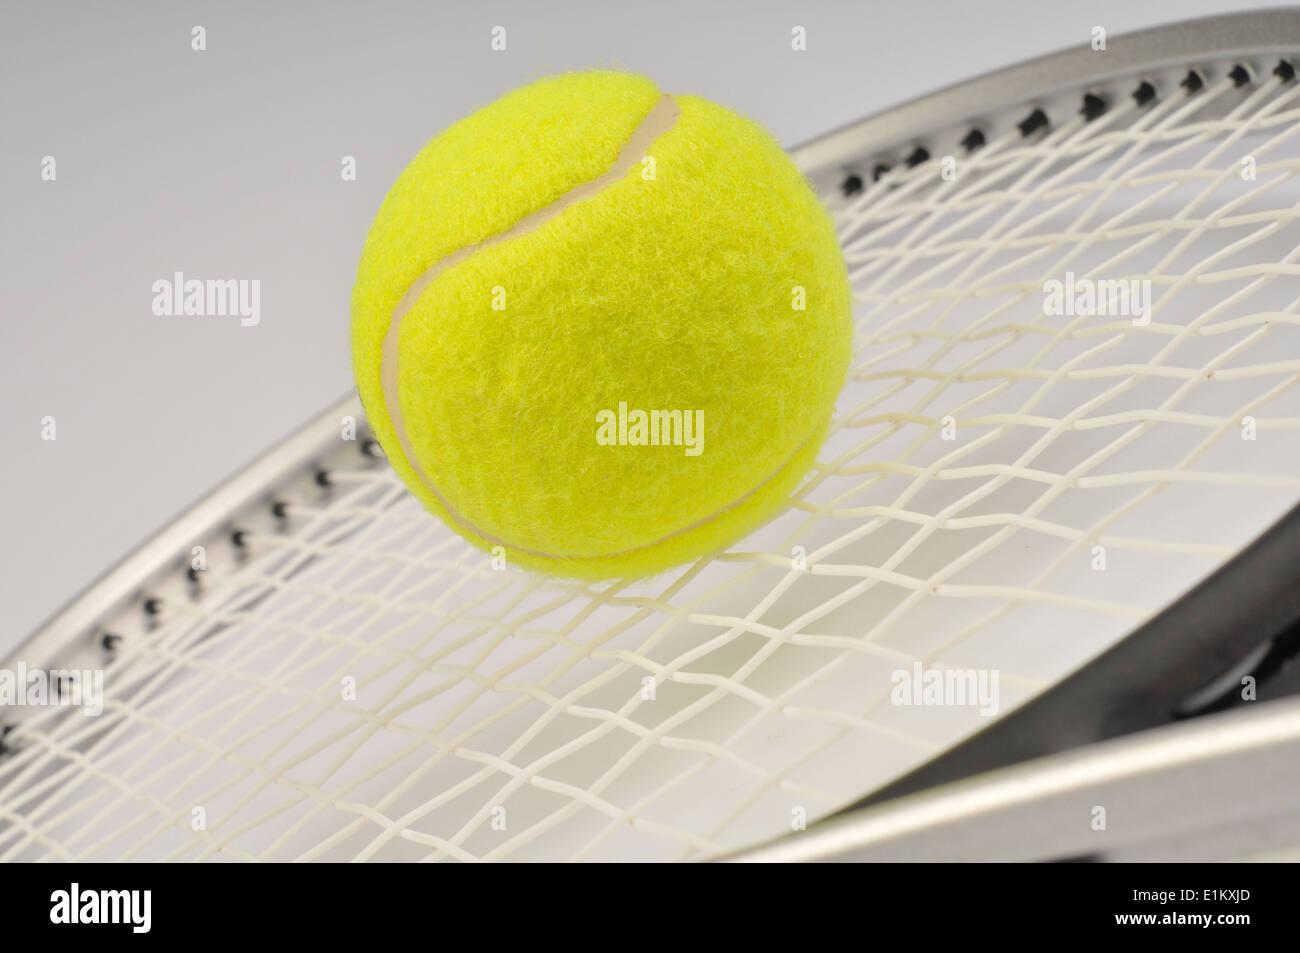 Racchetta e palla da tennis Immagini Stock